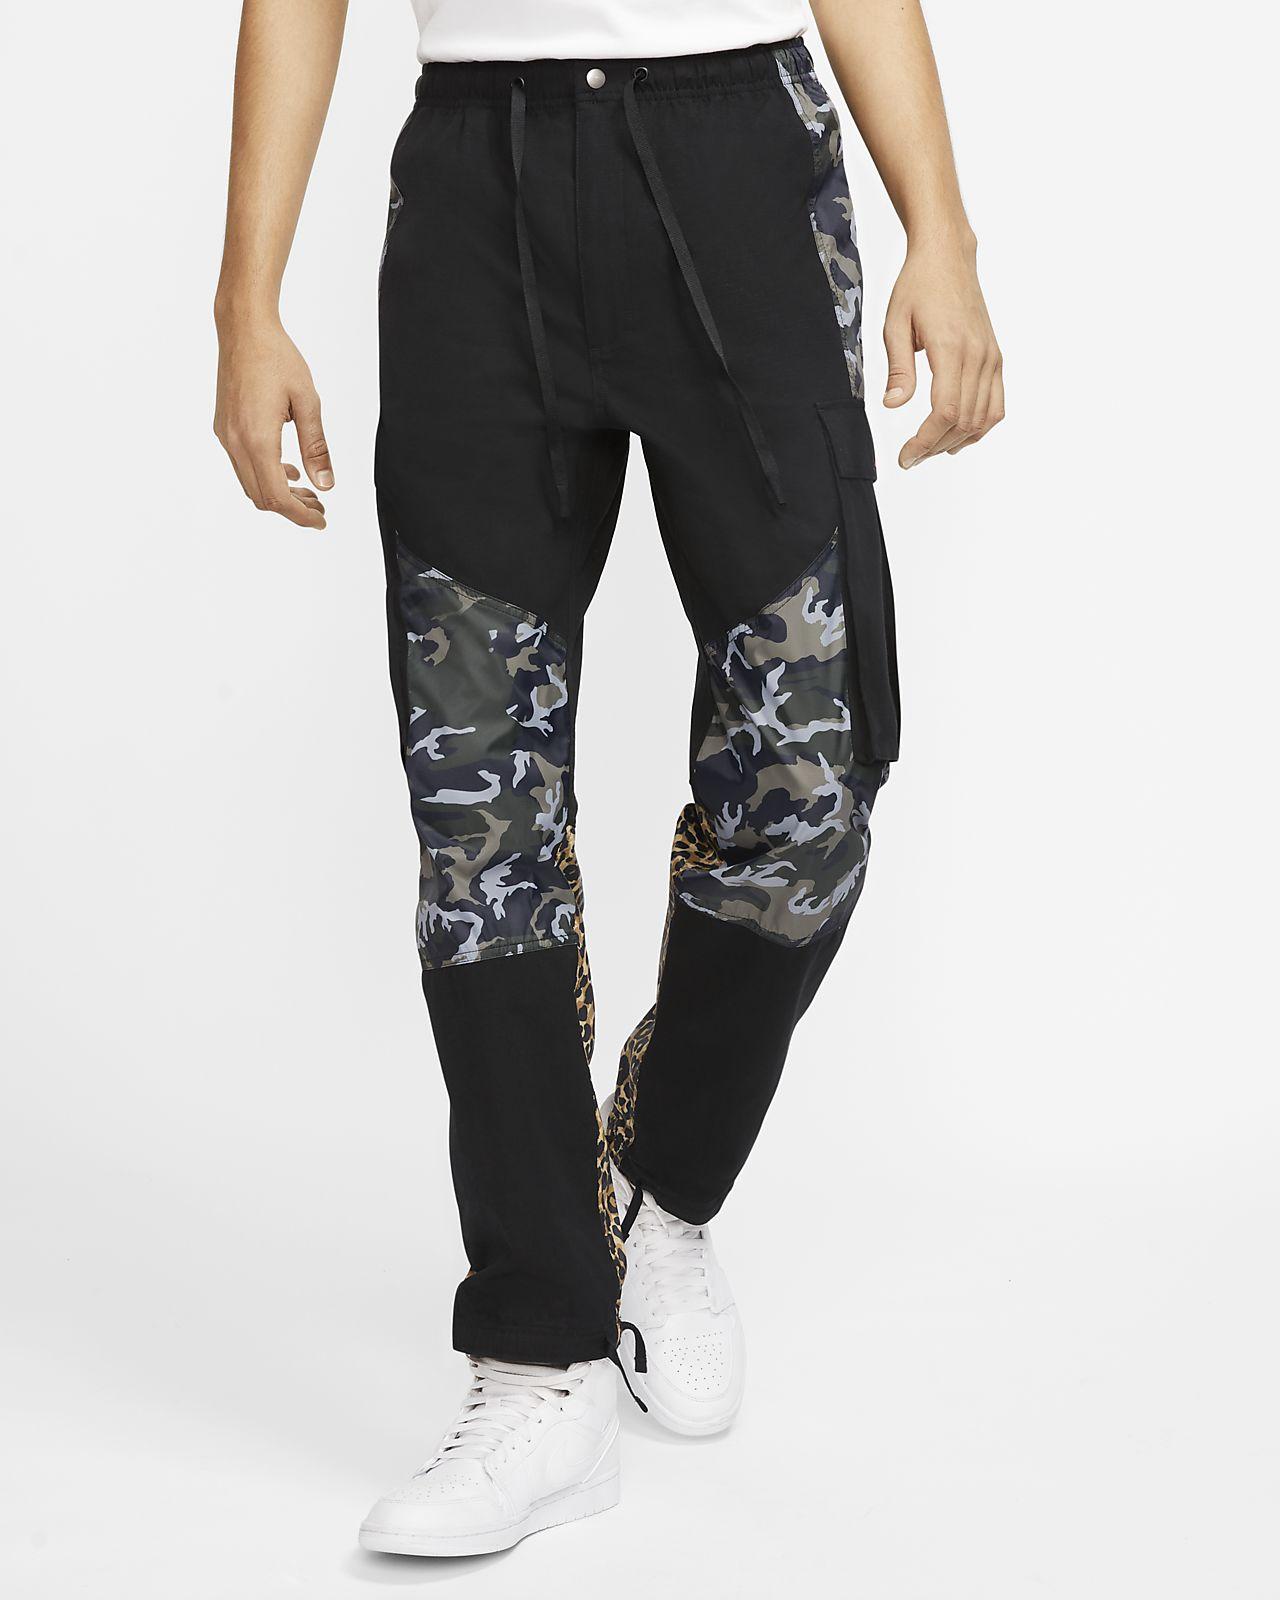 Мужские брюки Jordan Animal Instinct